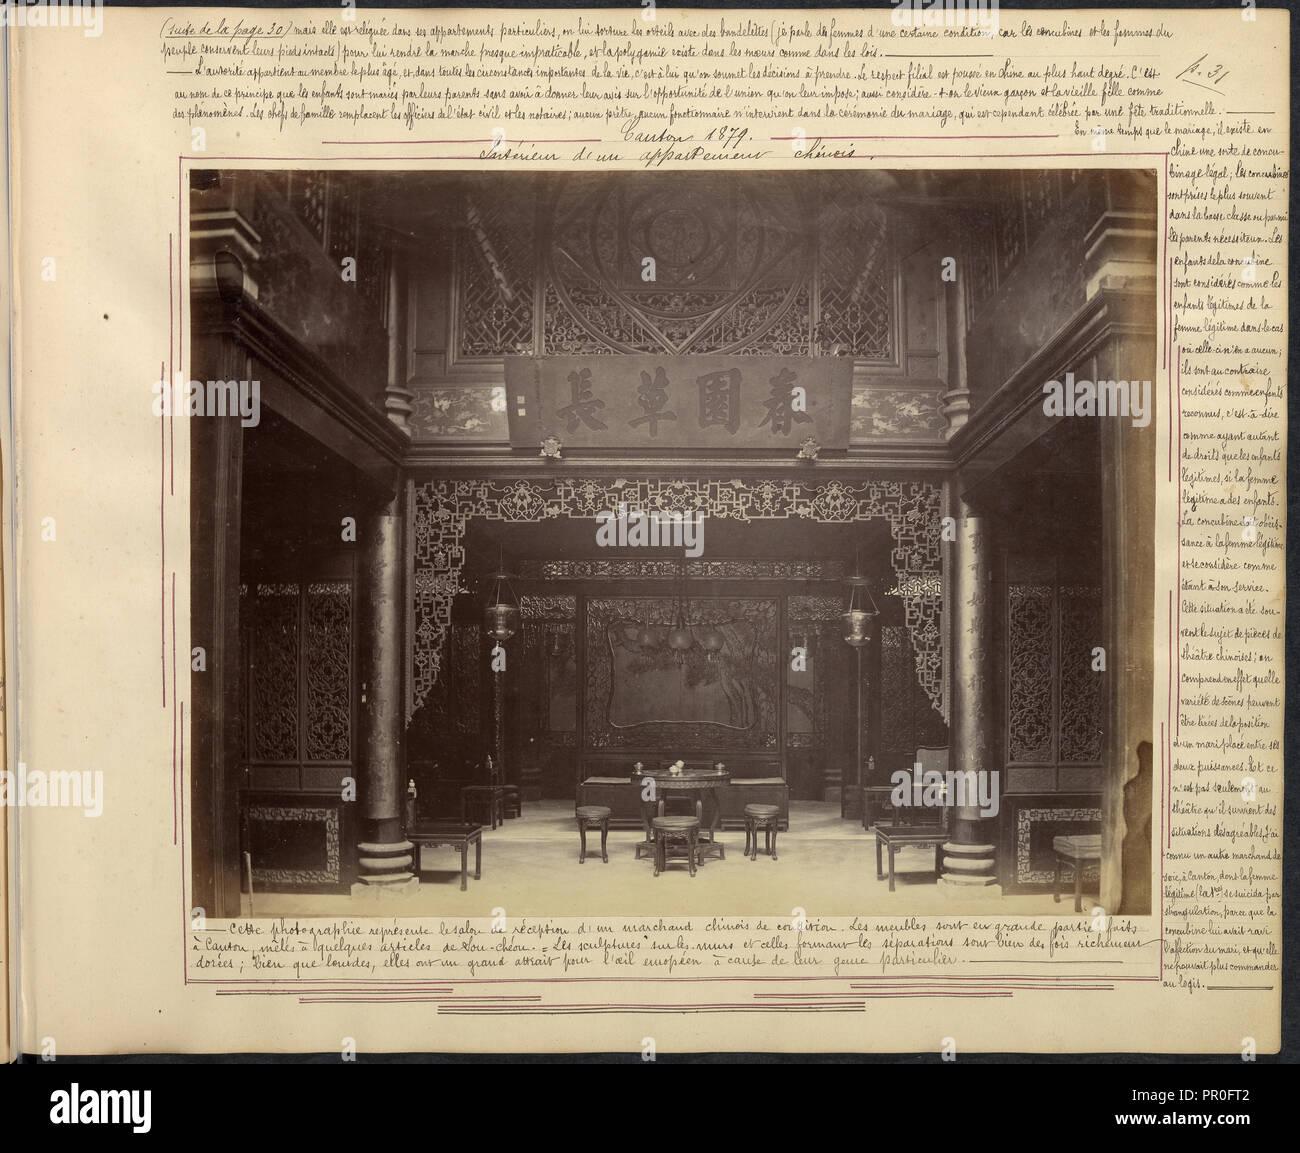 Canton, intérior d'un appartement chinois, Chine-Japon photographic album, Prat, G., Albumen, 1879 - Stock Image